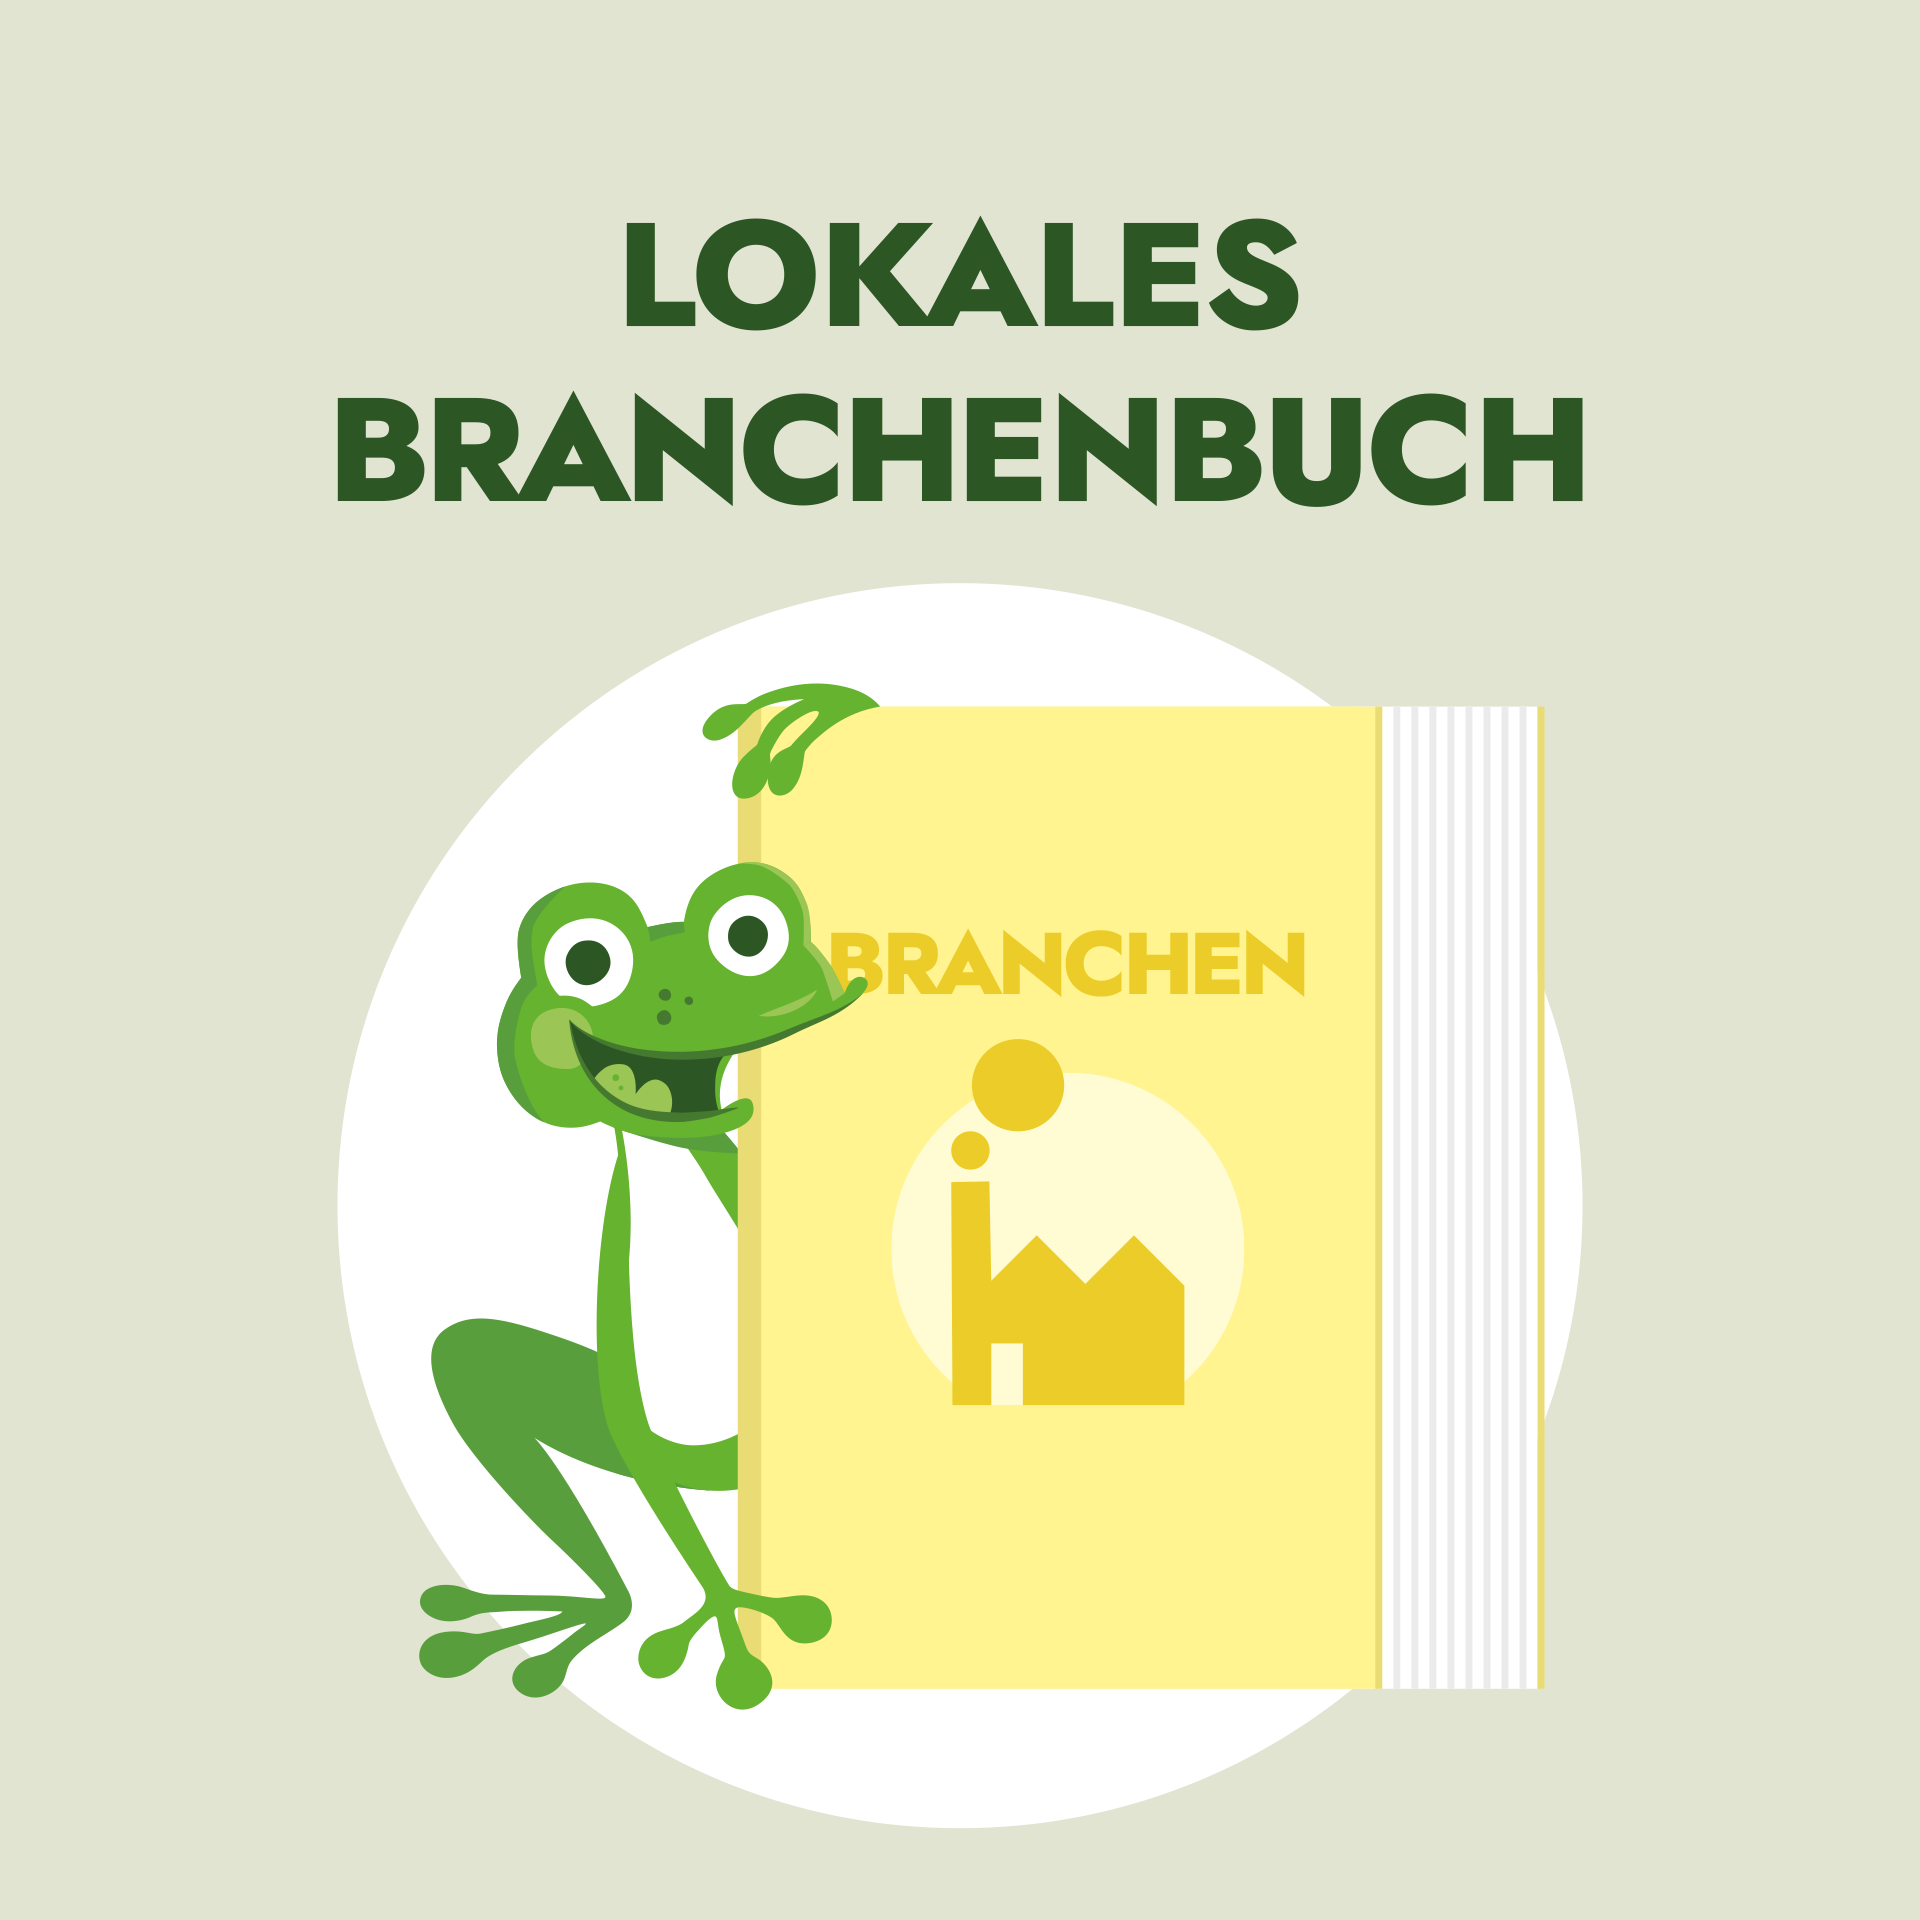 Kacheln_1_1_Branchenbuch